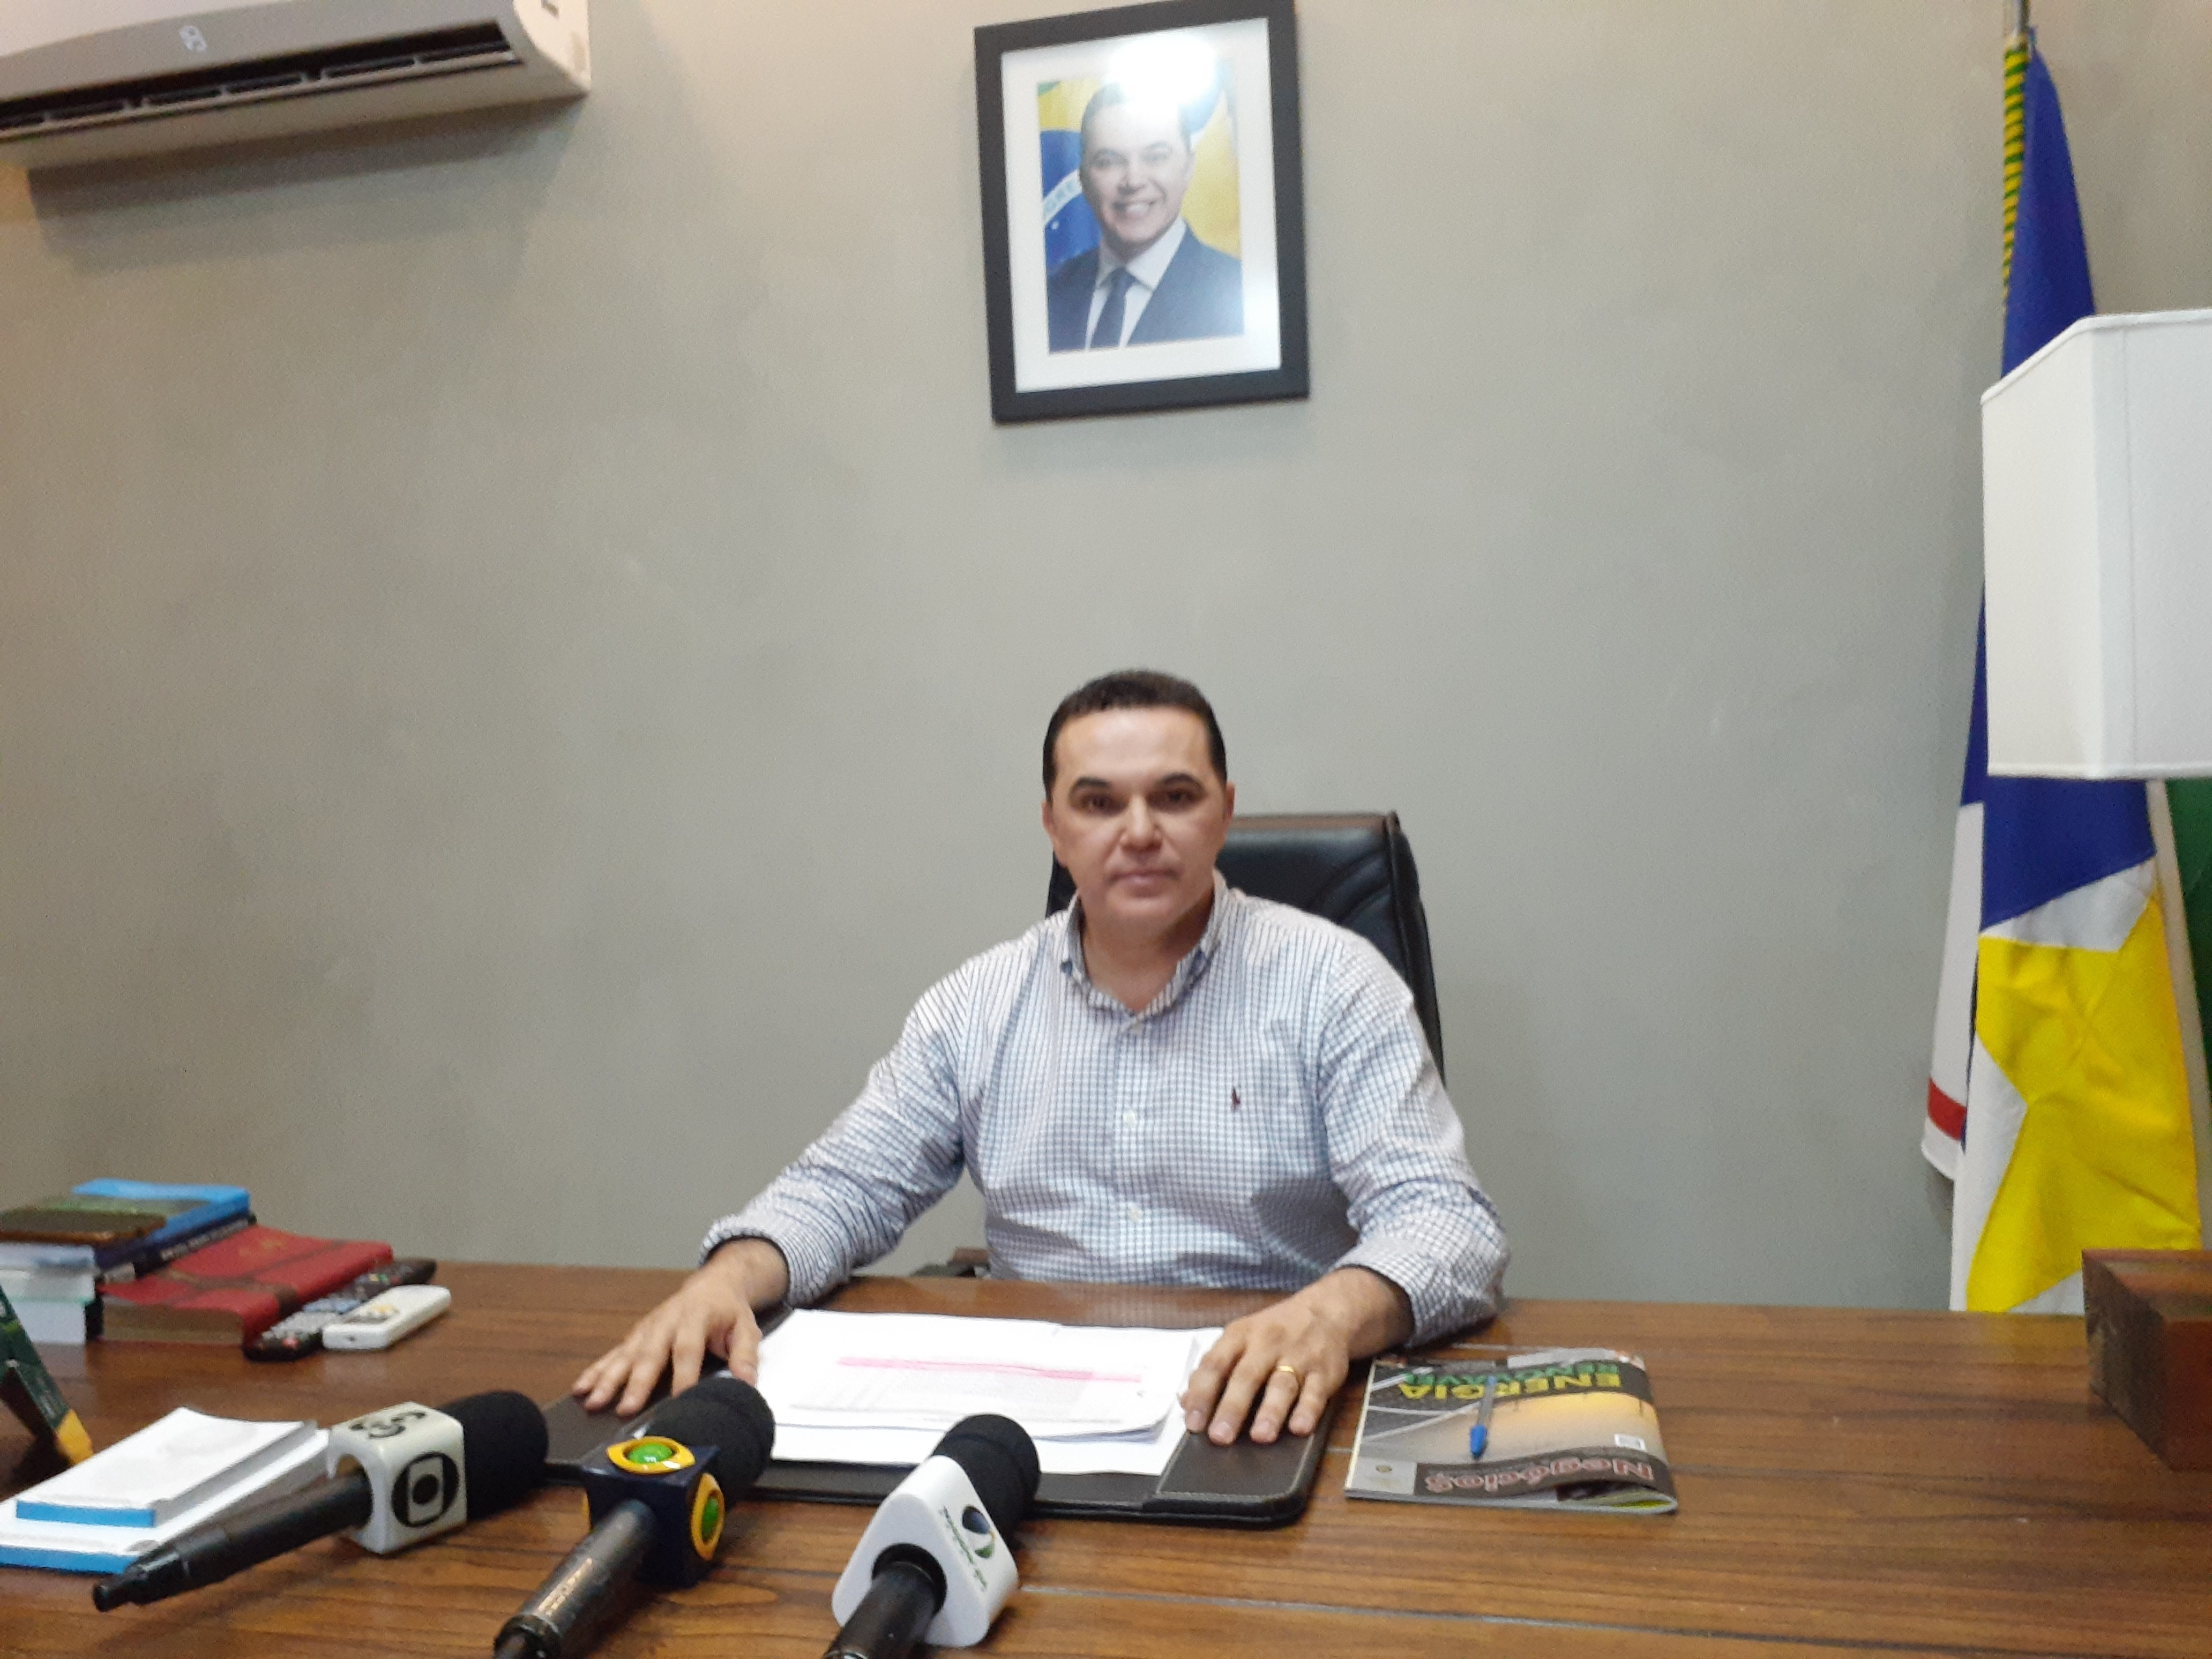 Presidente da Ale-RR acusa MP de perseguição após denúncias de fraudes e desvios milionários - Notícias - Plantão Diário